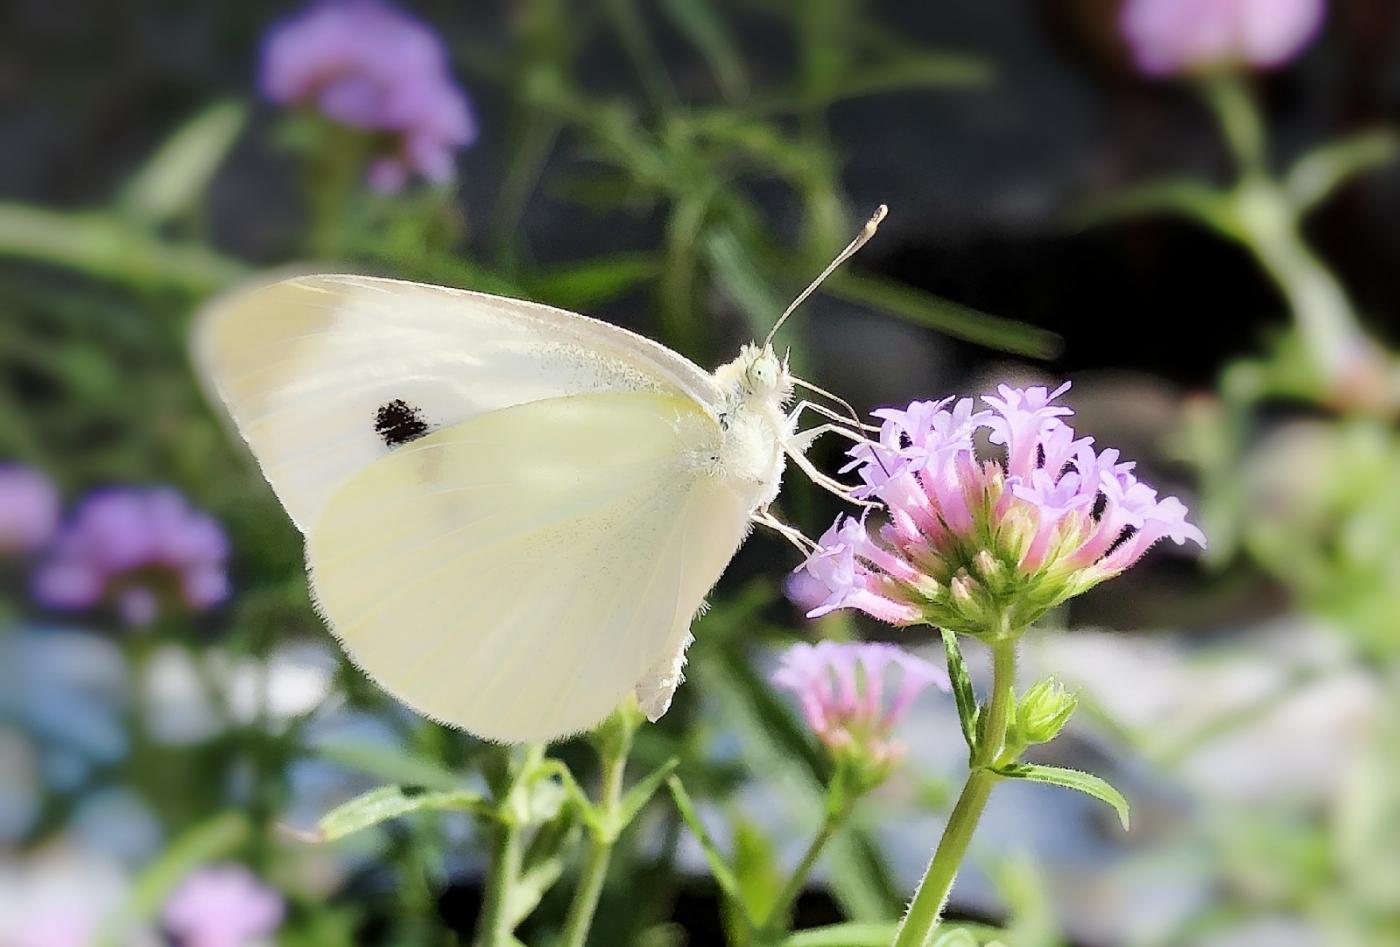 【田螺随拍】我院子里的蝴蝶_图1-15